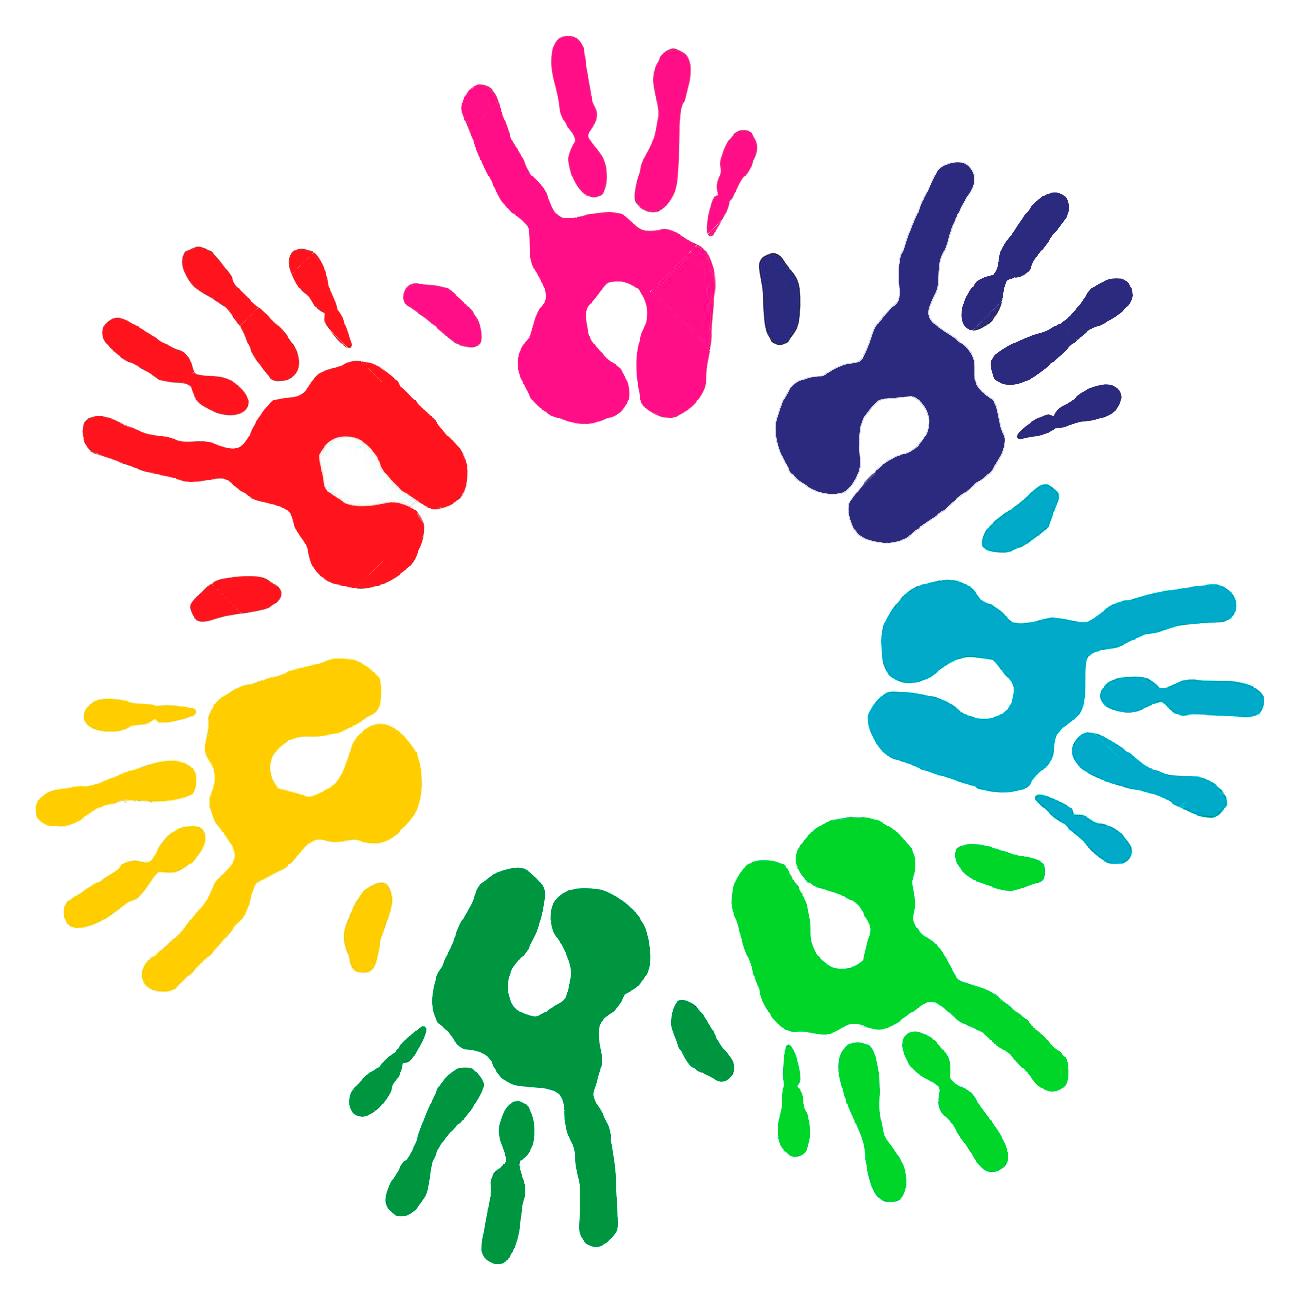 diversidad-manos